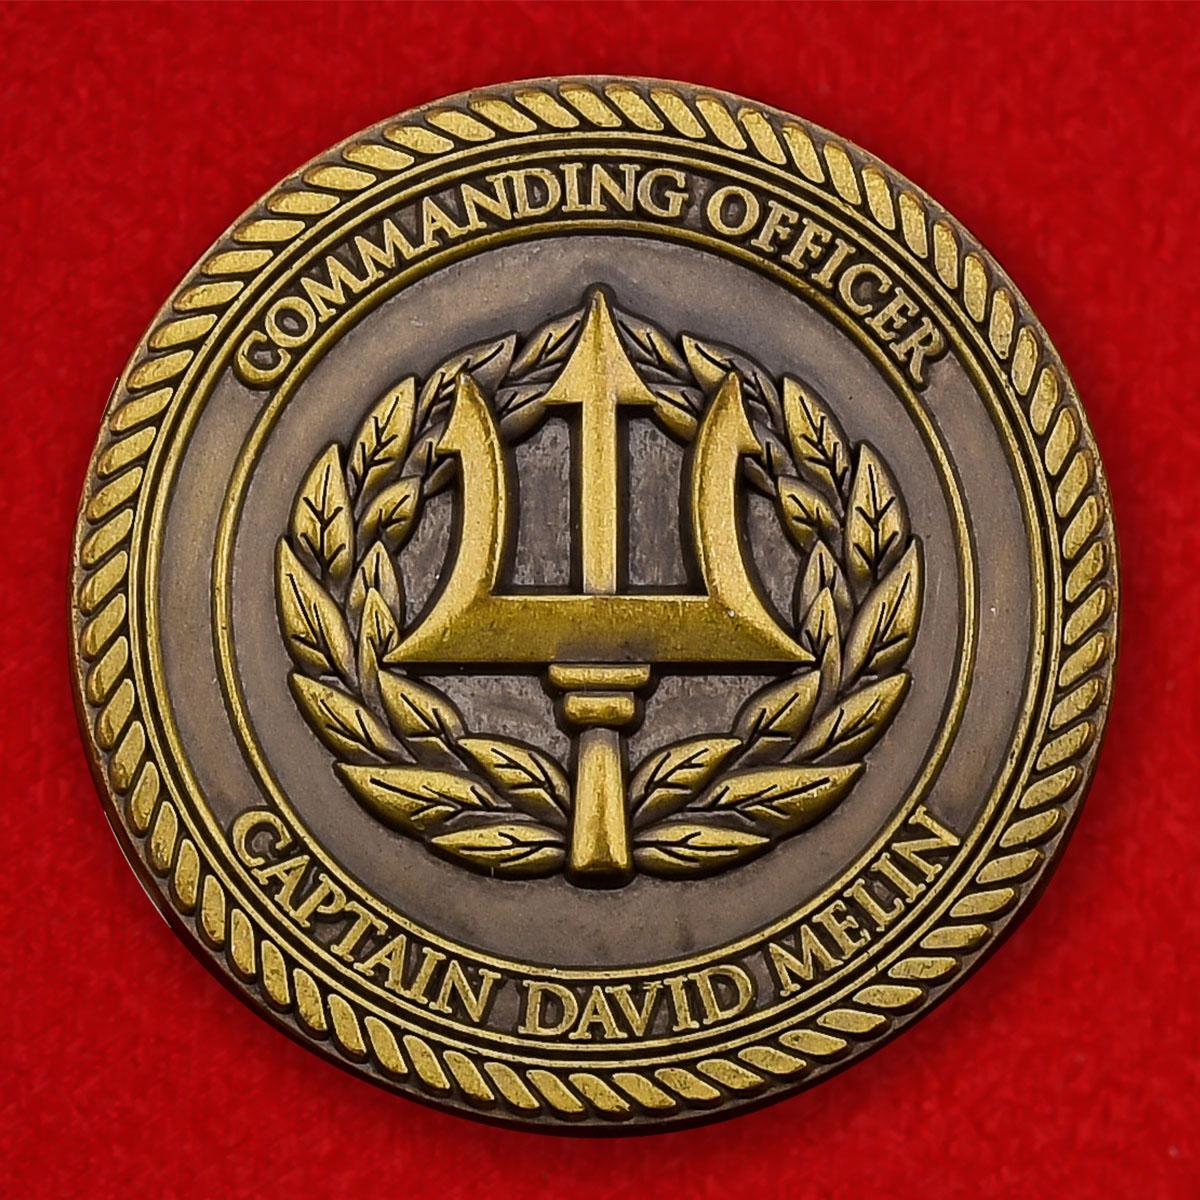 """Челлендж коин """"Командир учебного корпуса ВМС США при Вашингтонском университете капитан Дэвид Мелин"""""""